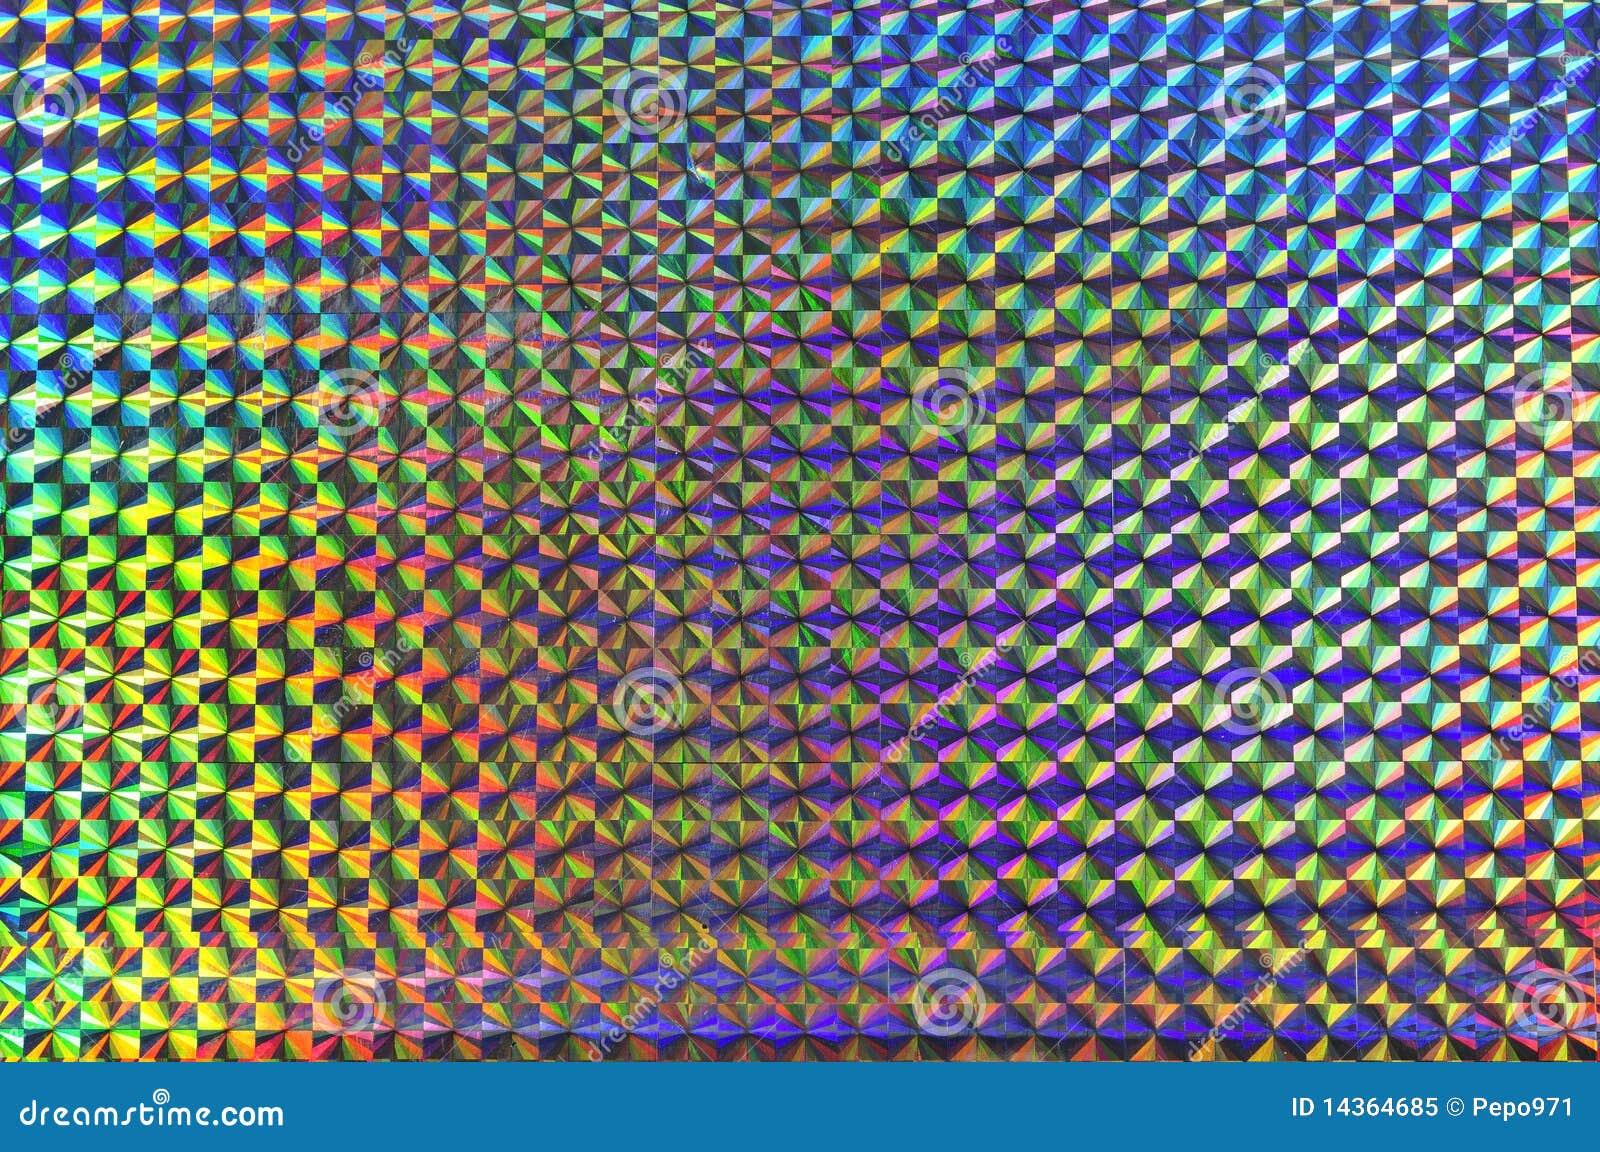 hologram paper